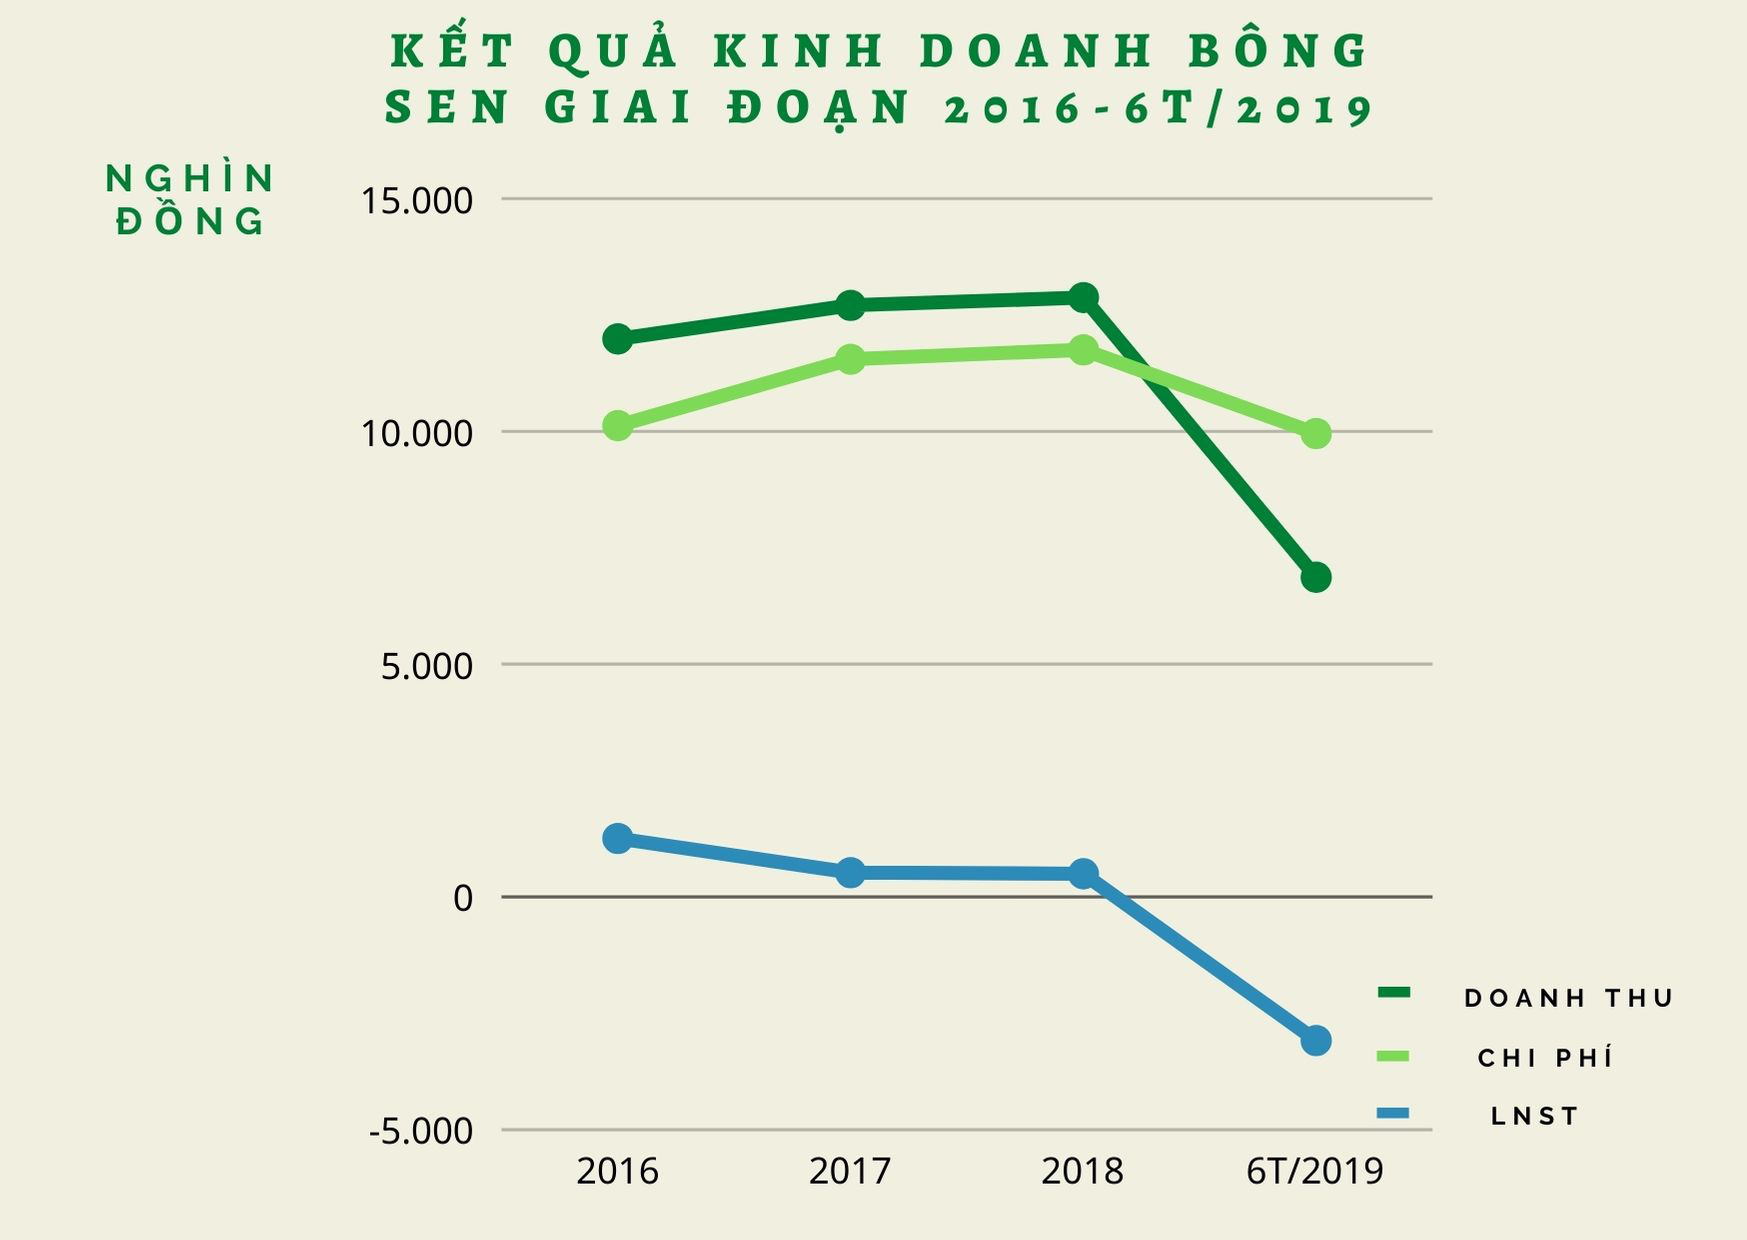 Sắp IPO hơn 63% vốn của Nhà khách Bông Sen với giá khởi điểm 10.000 đồng/cổ phiếu - Ảnh 1.